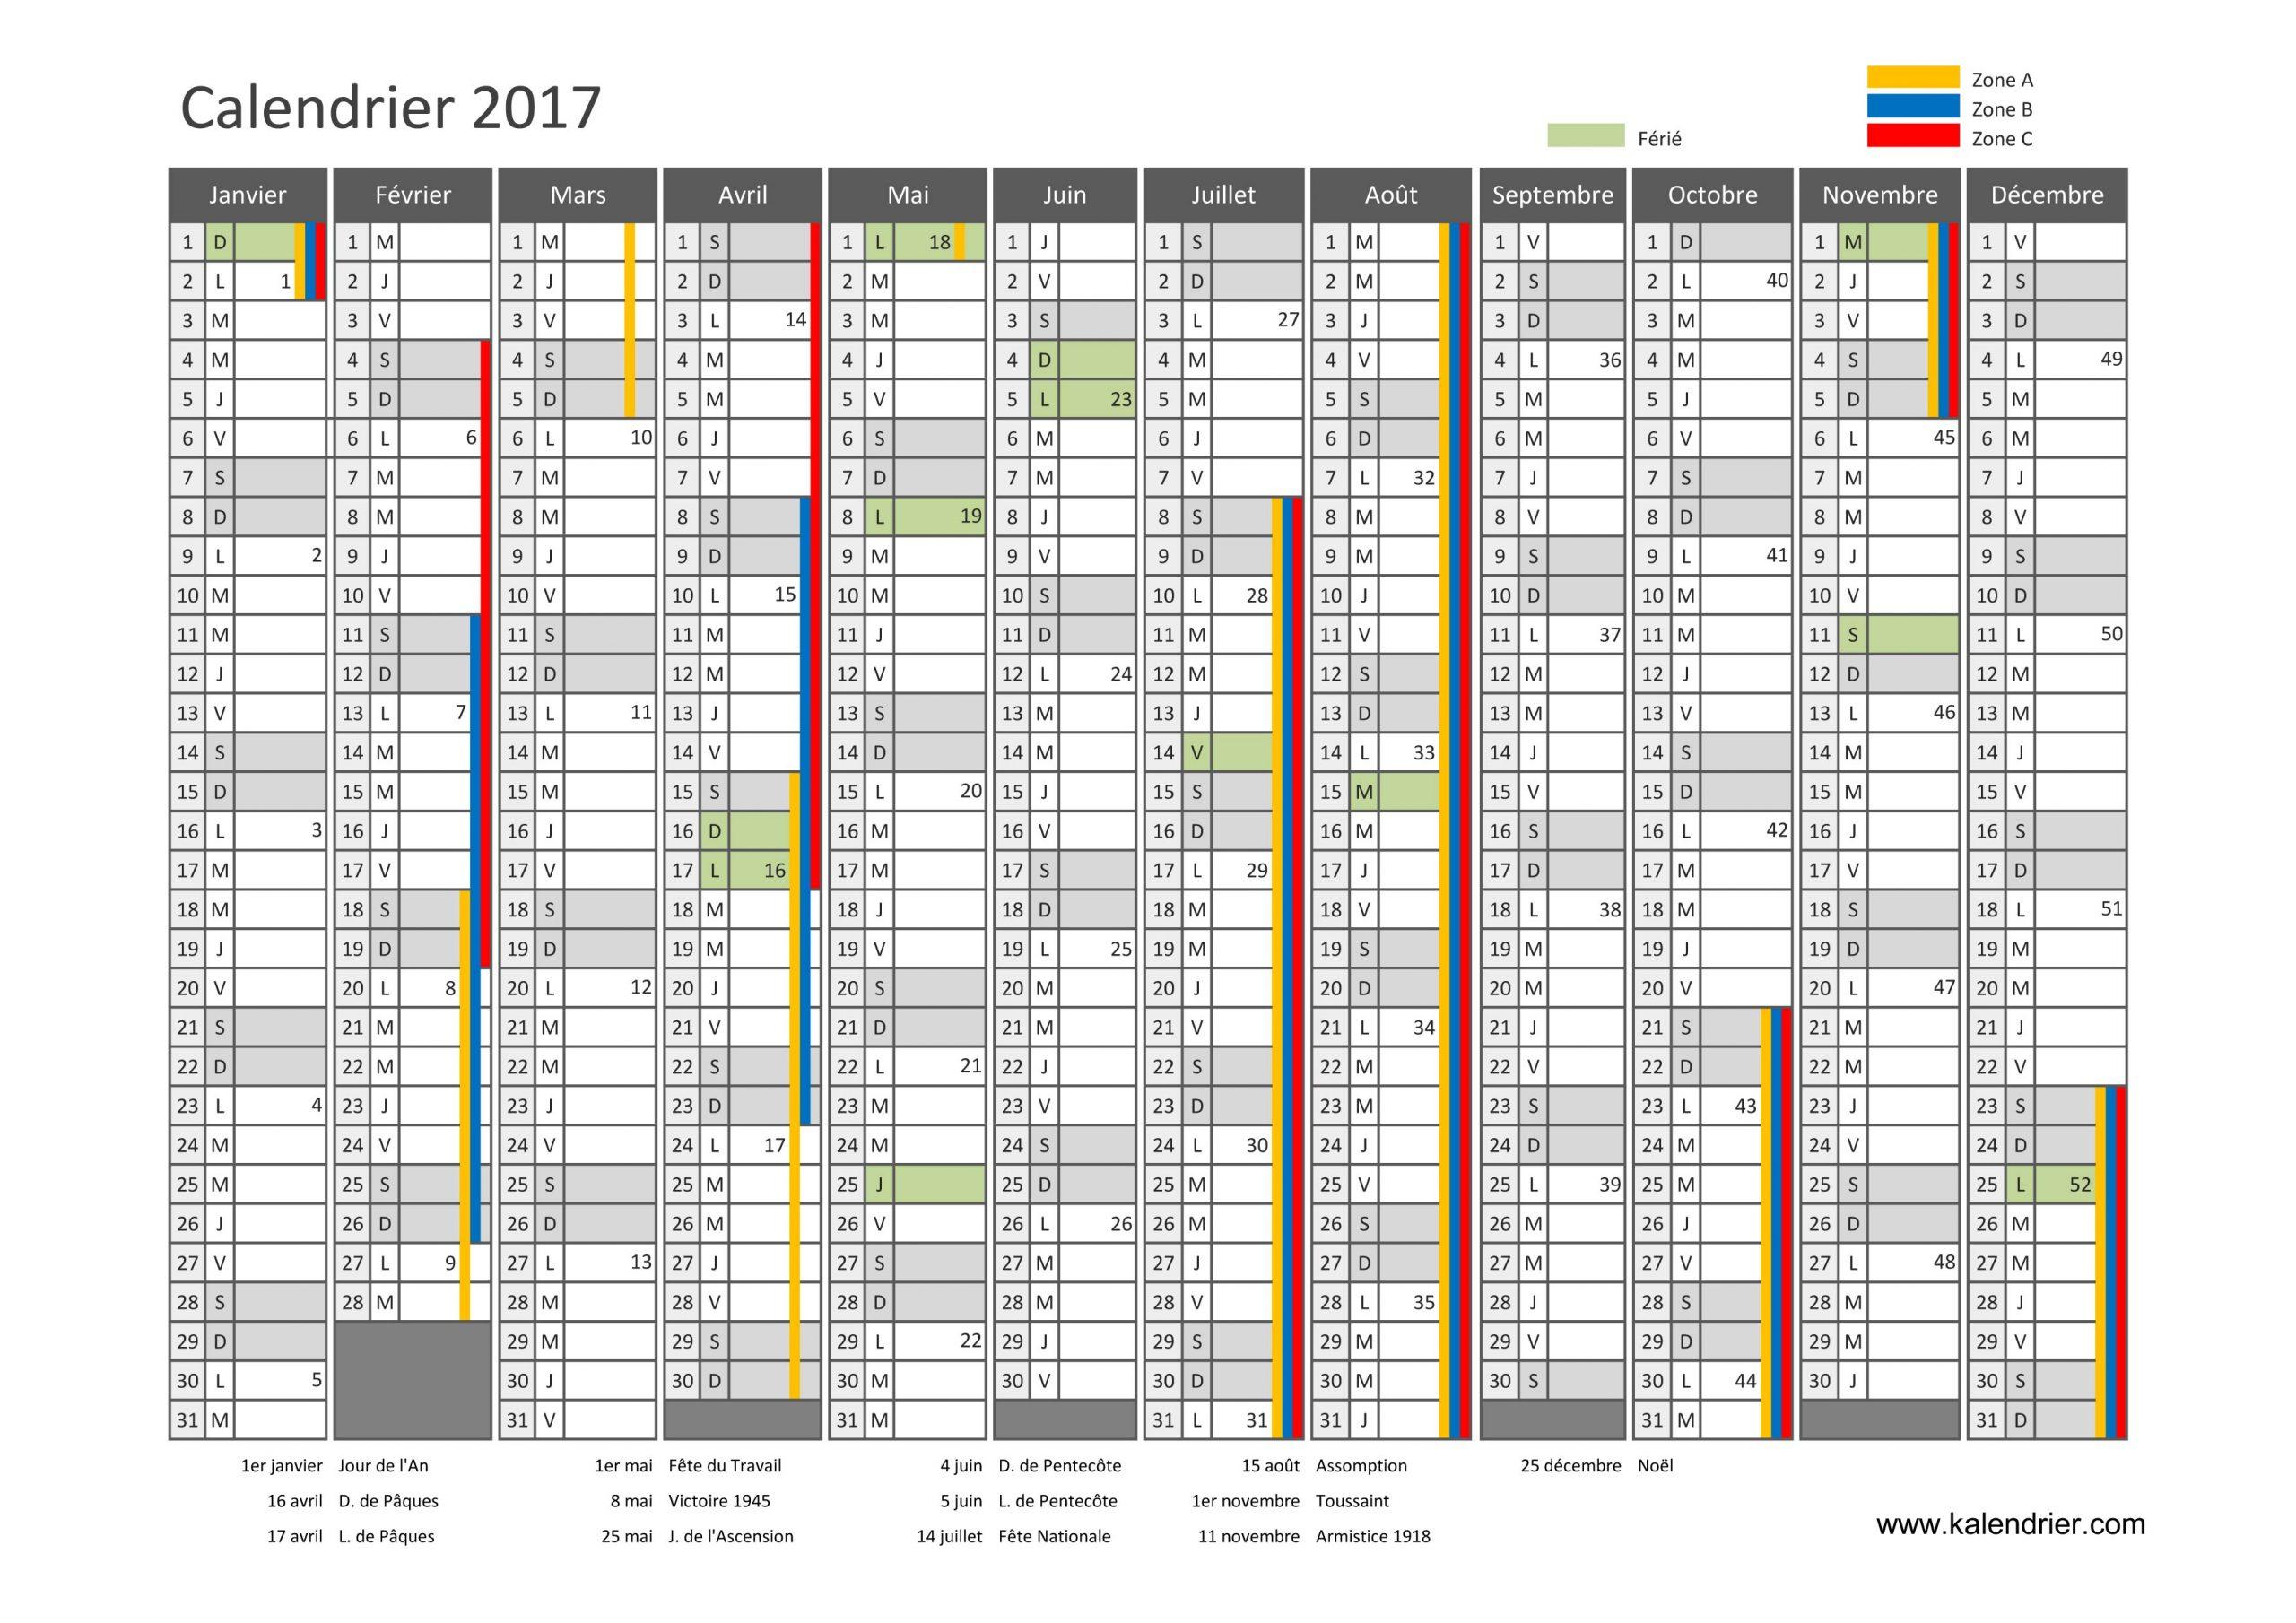 Imprimer Calendrier 2017 Gratuitement - Pdf, Xls Et Jpg concernant Imprimer Un Calendrier 2017